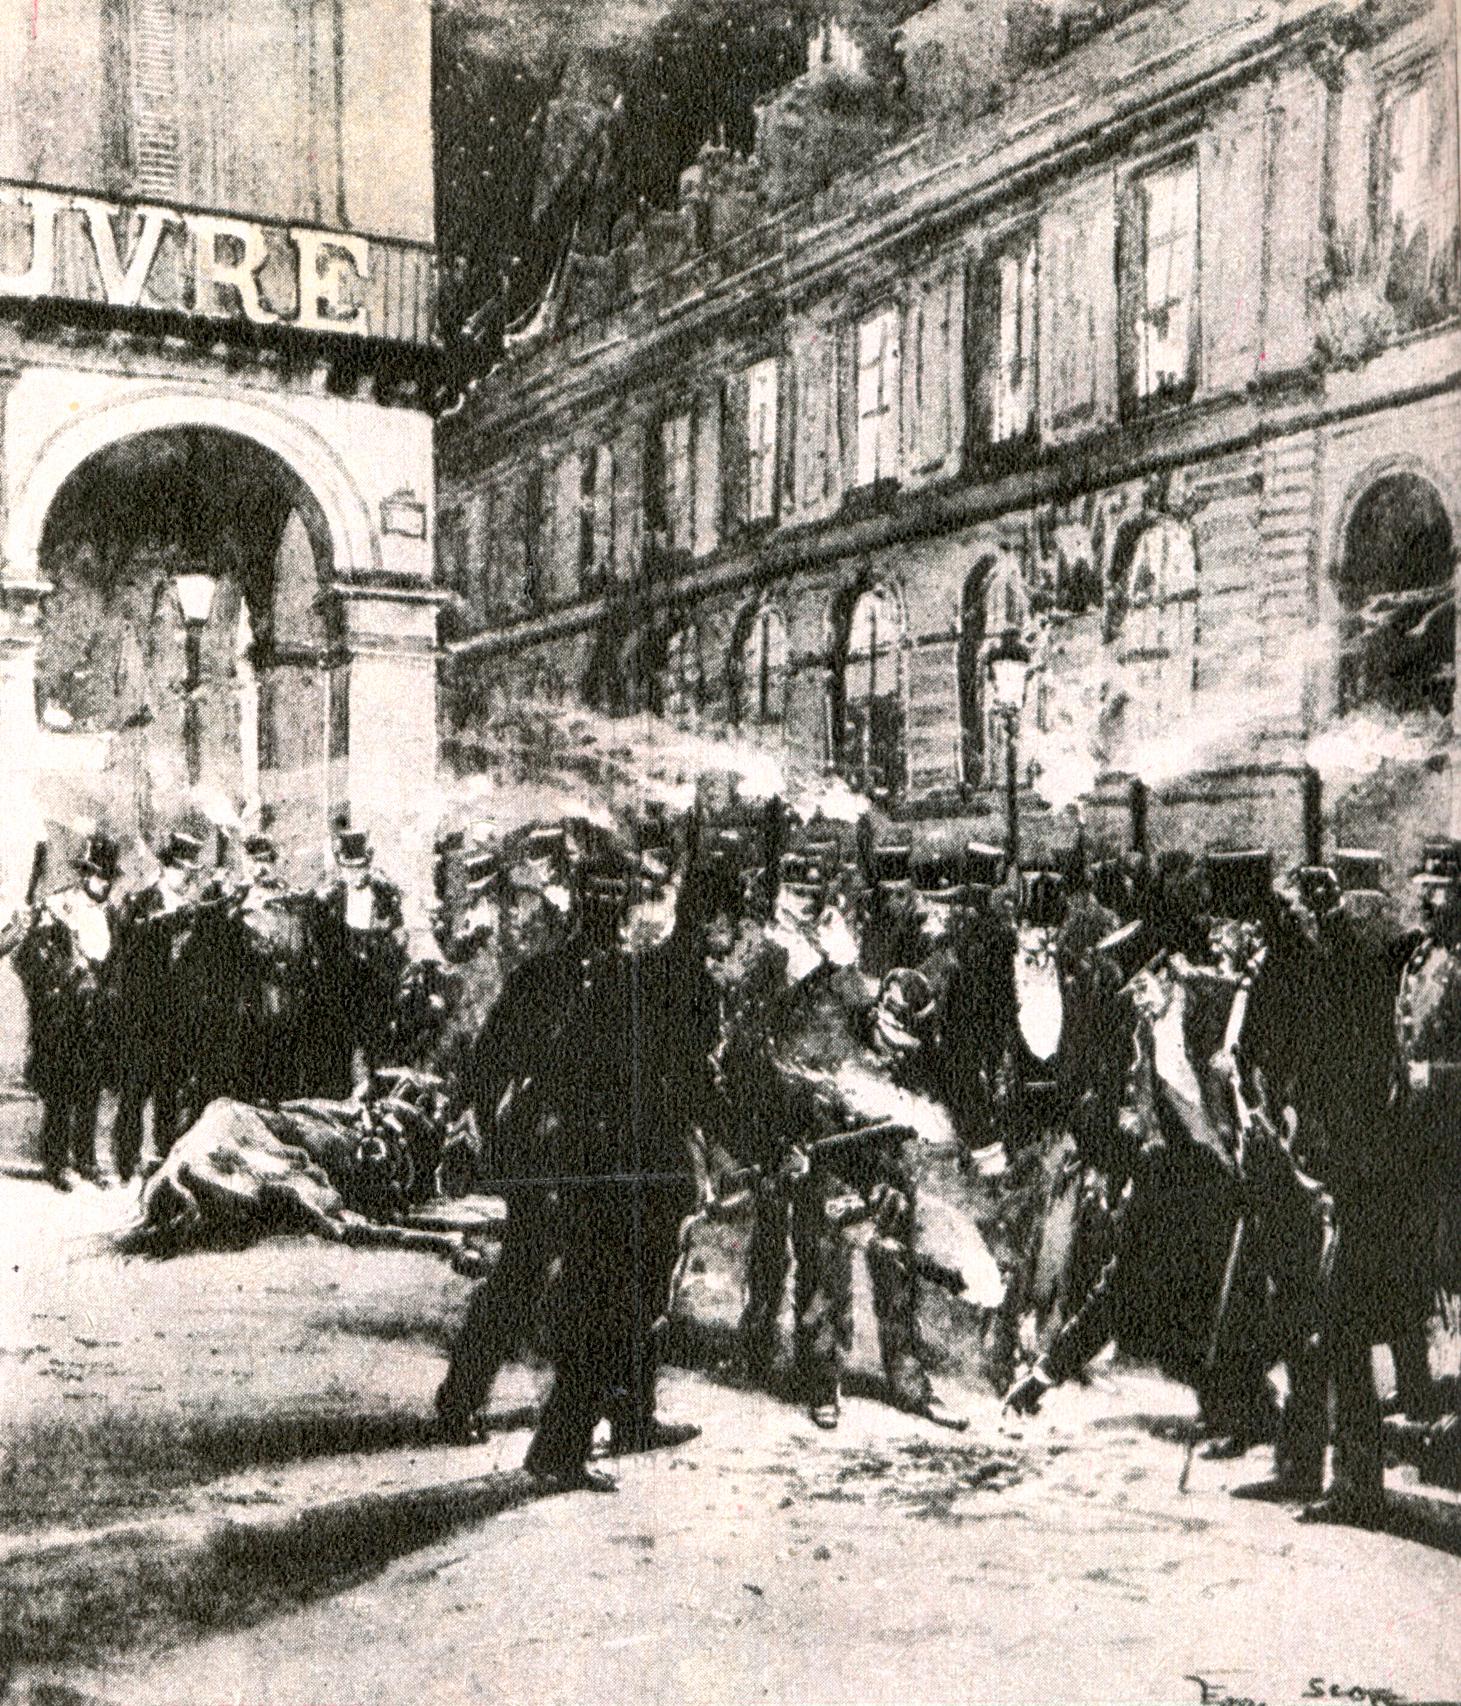 El lugar exacto –esquina de las parisinas calles Rohan y Rivoli- donde estalló la bomba.